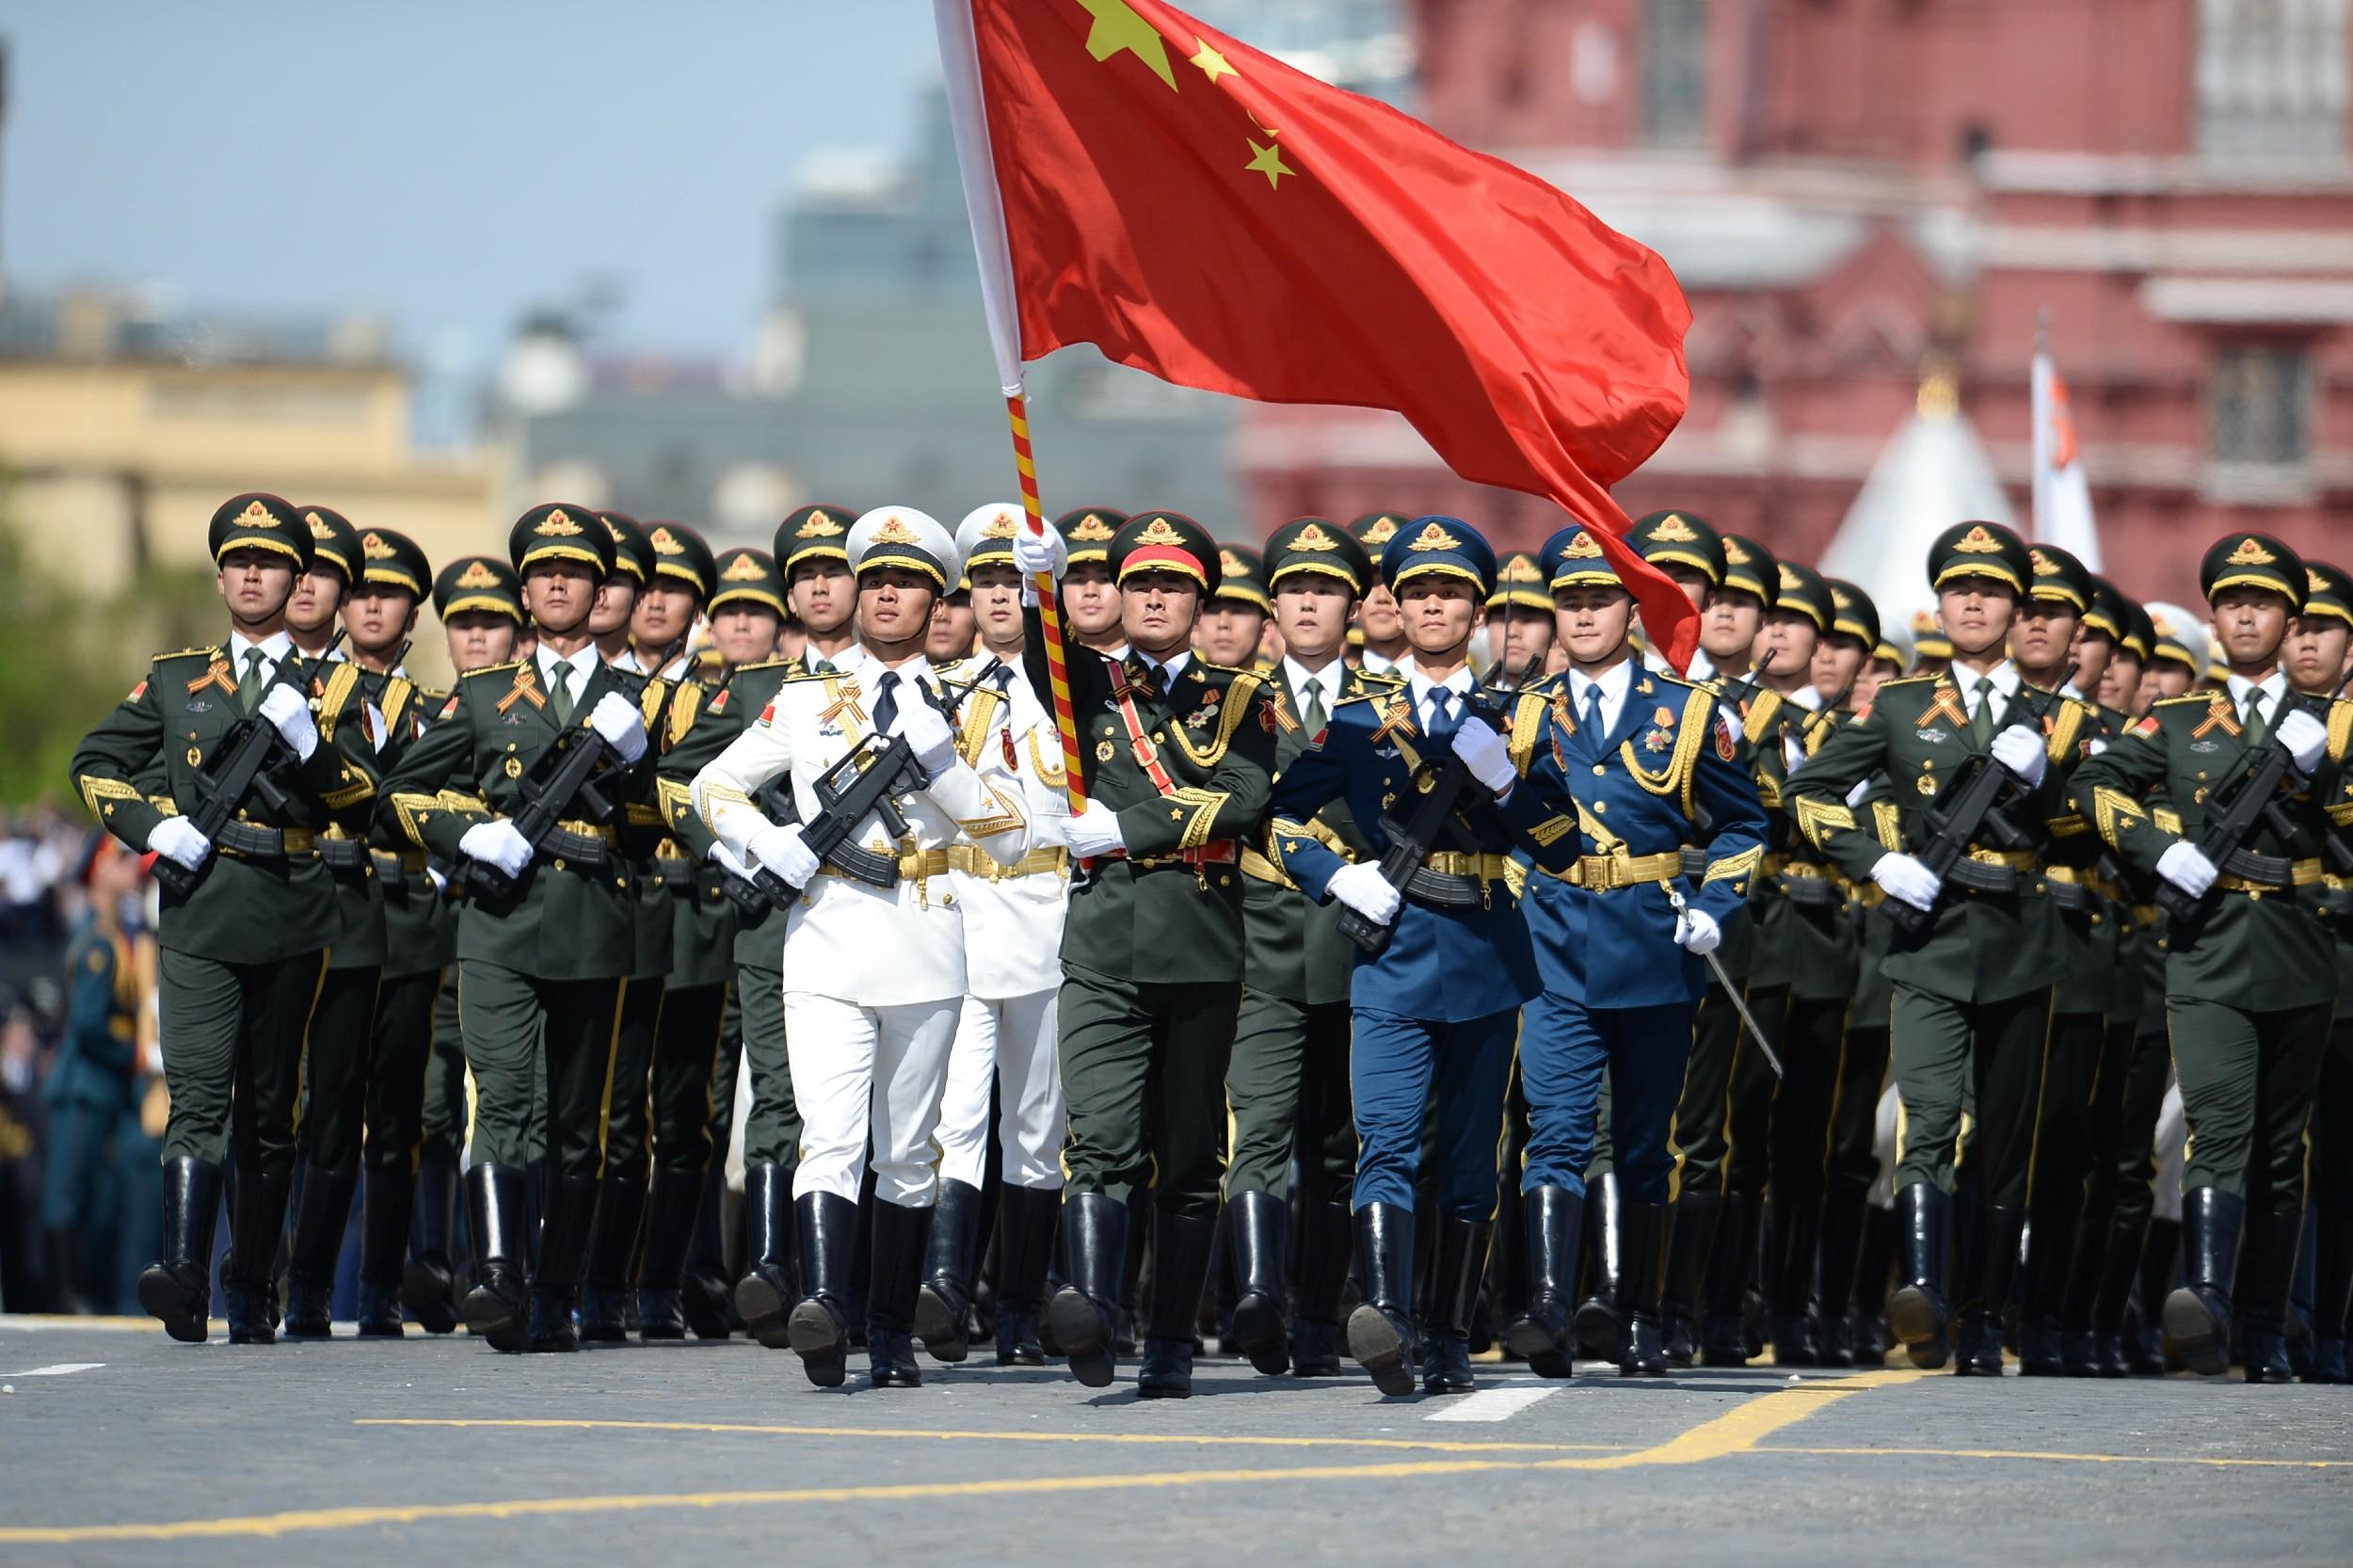 Припадници кинеске Народноослободилачке армије марширају током војне параде уприличене поводом 70. годишњице победе у Другом светском рату, Москва, 09. мај 2015. (Фото: Xinhua/Jia Yuchen)